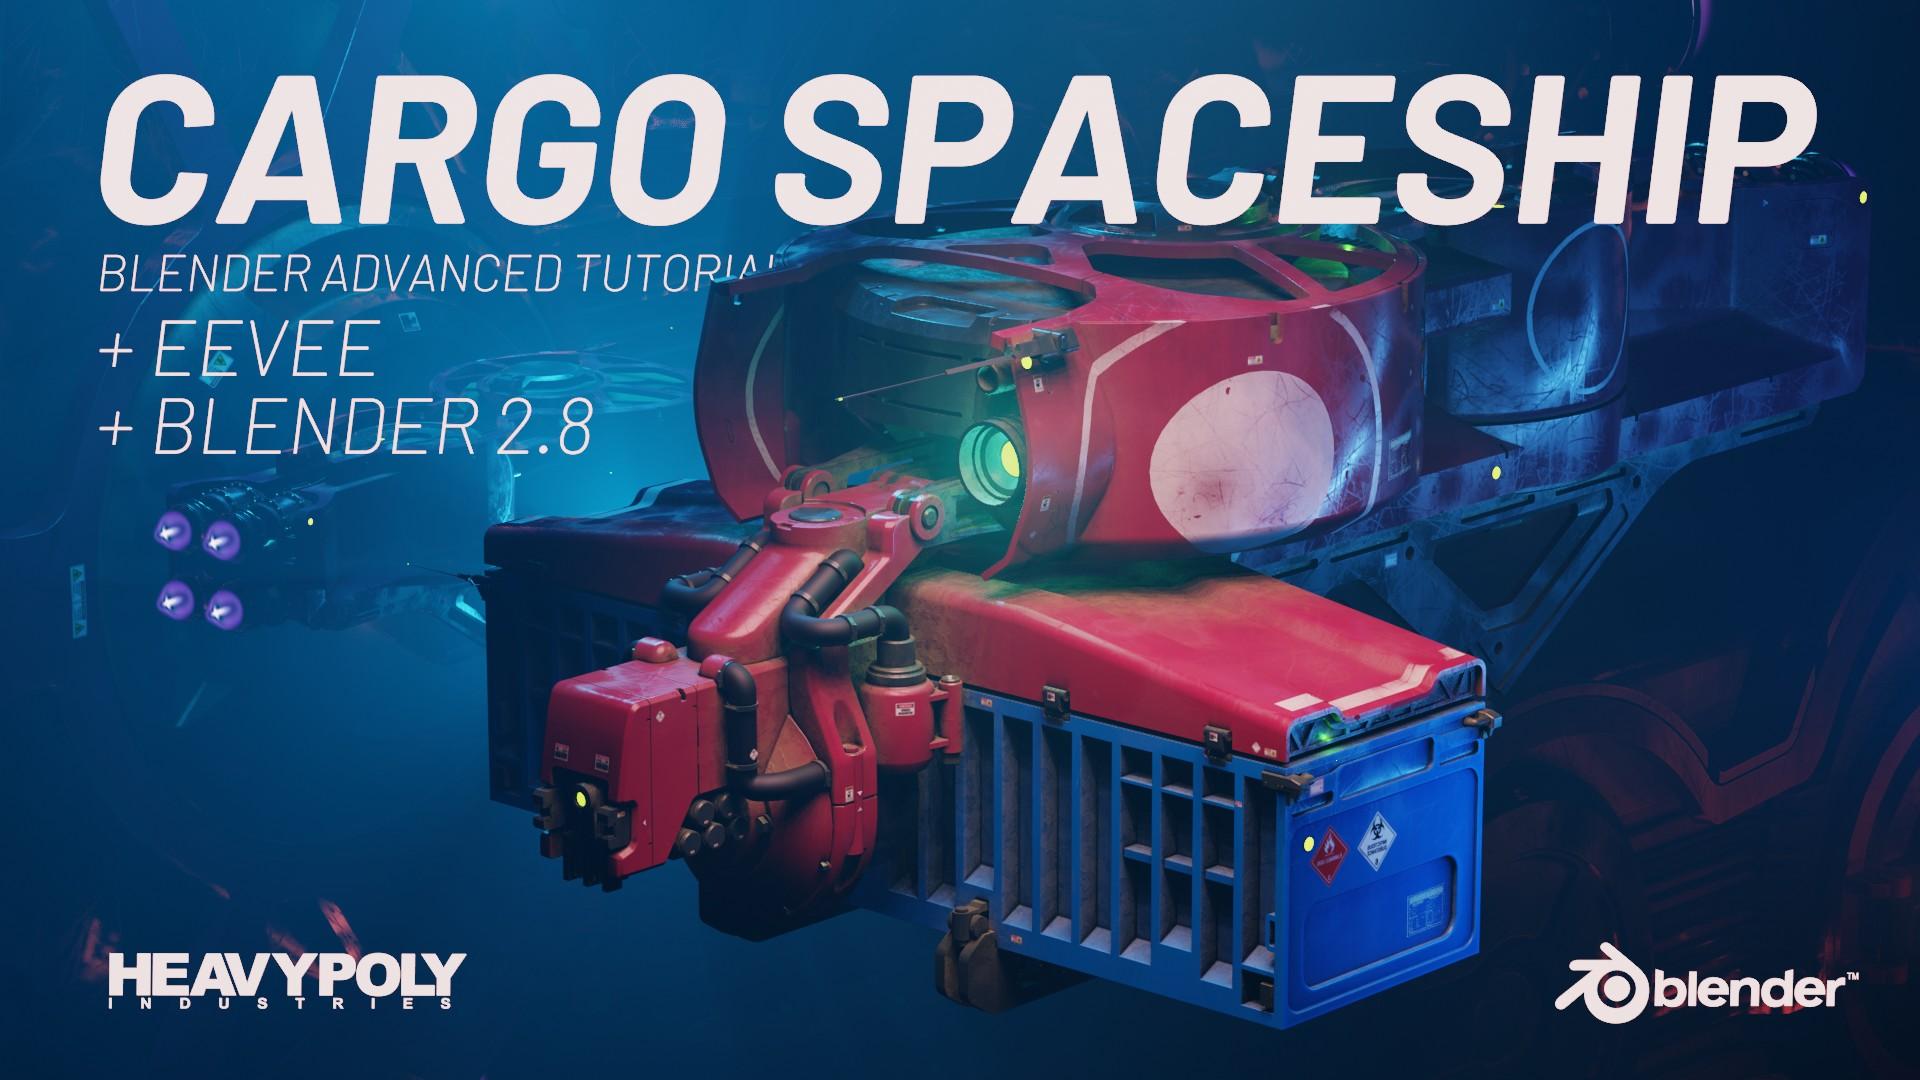 Advanced Blender 2 8 Cargo Spaceship Tutorial - Tutorials